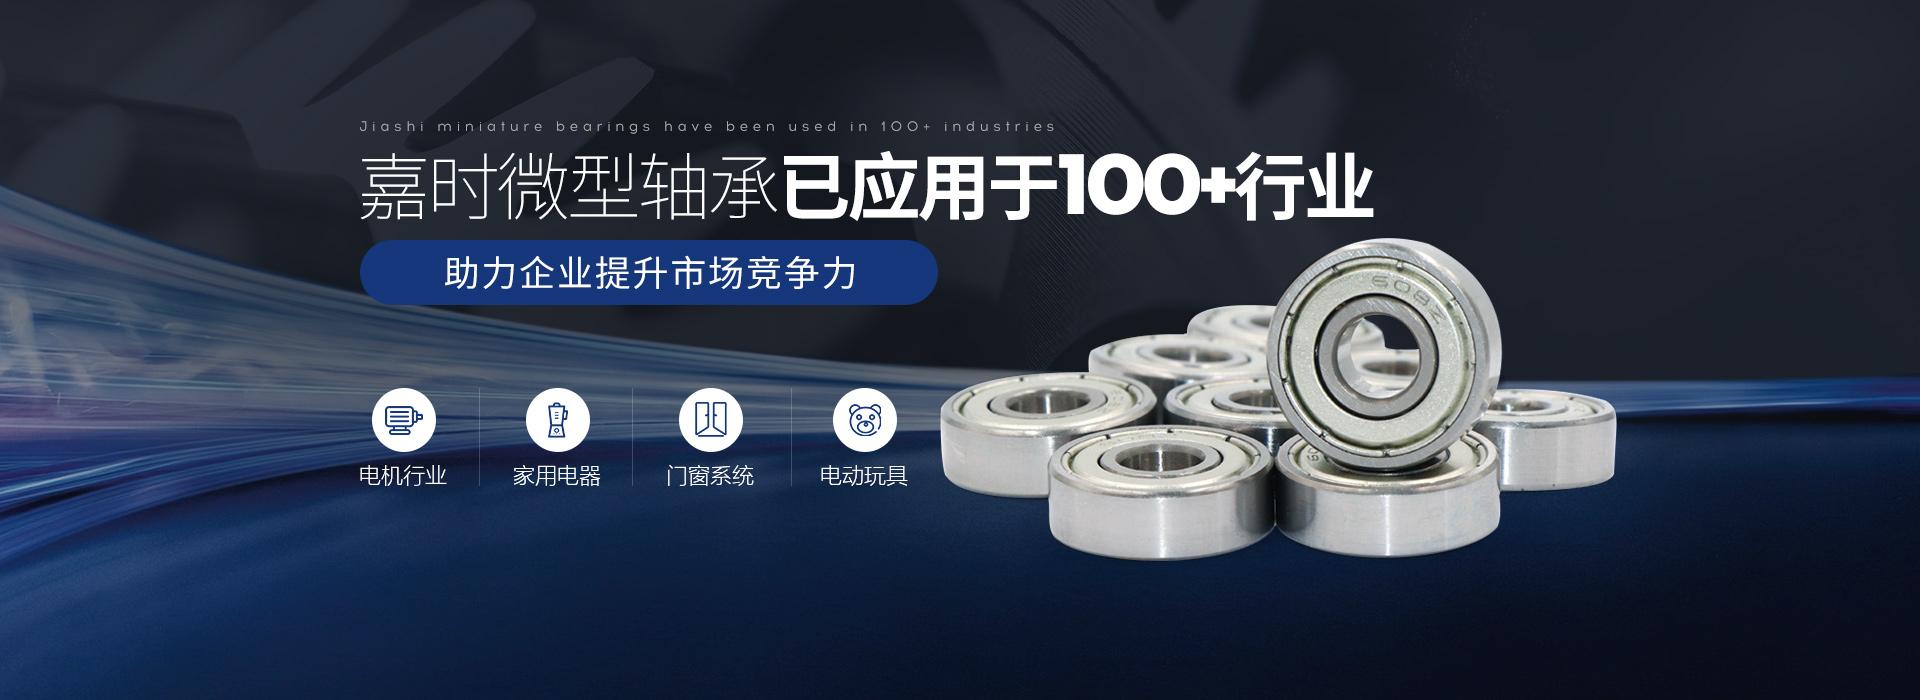 嘉时轴承-嘉时微型轴承已应用于100+行业